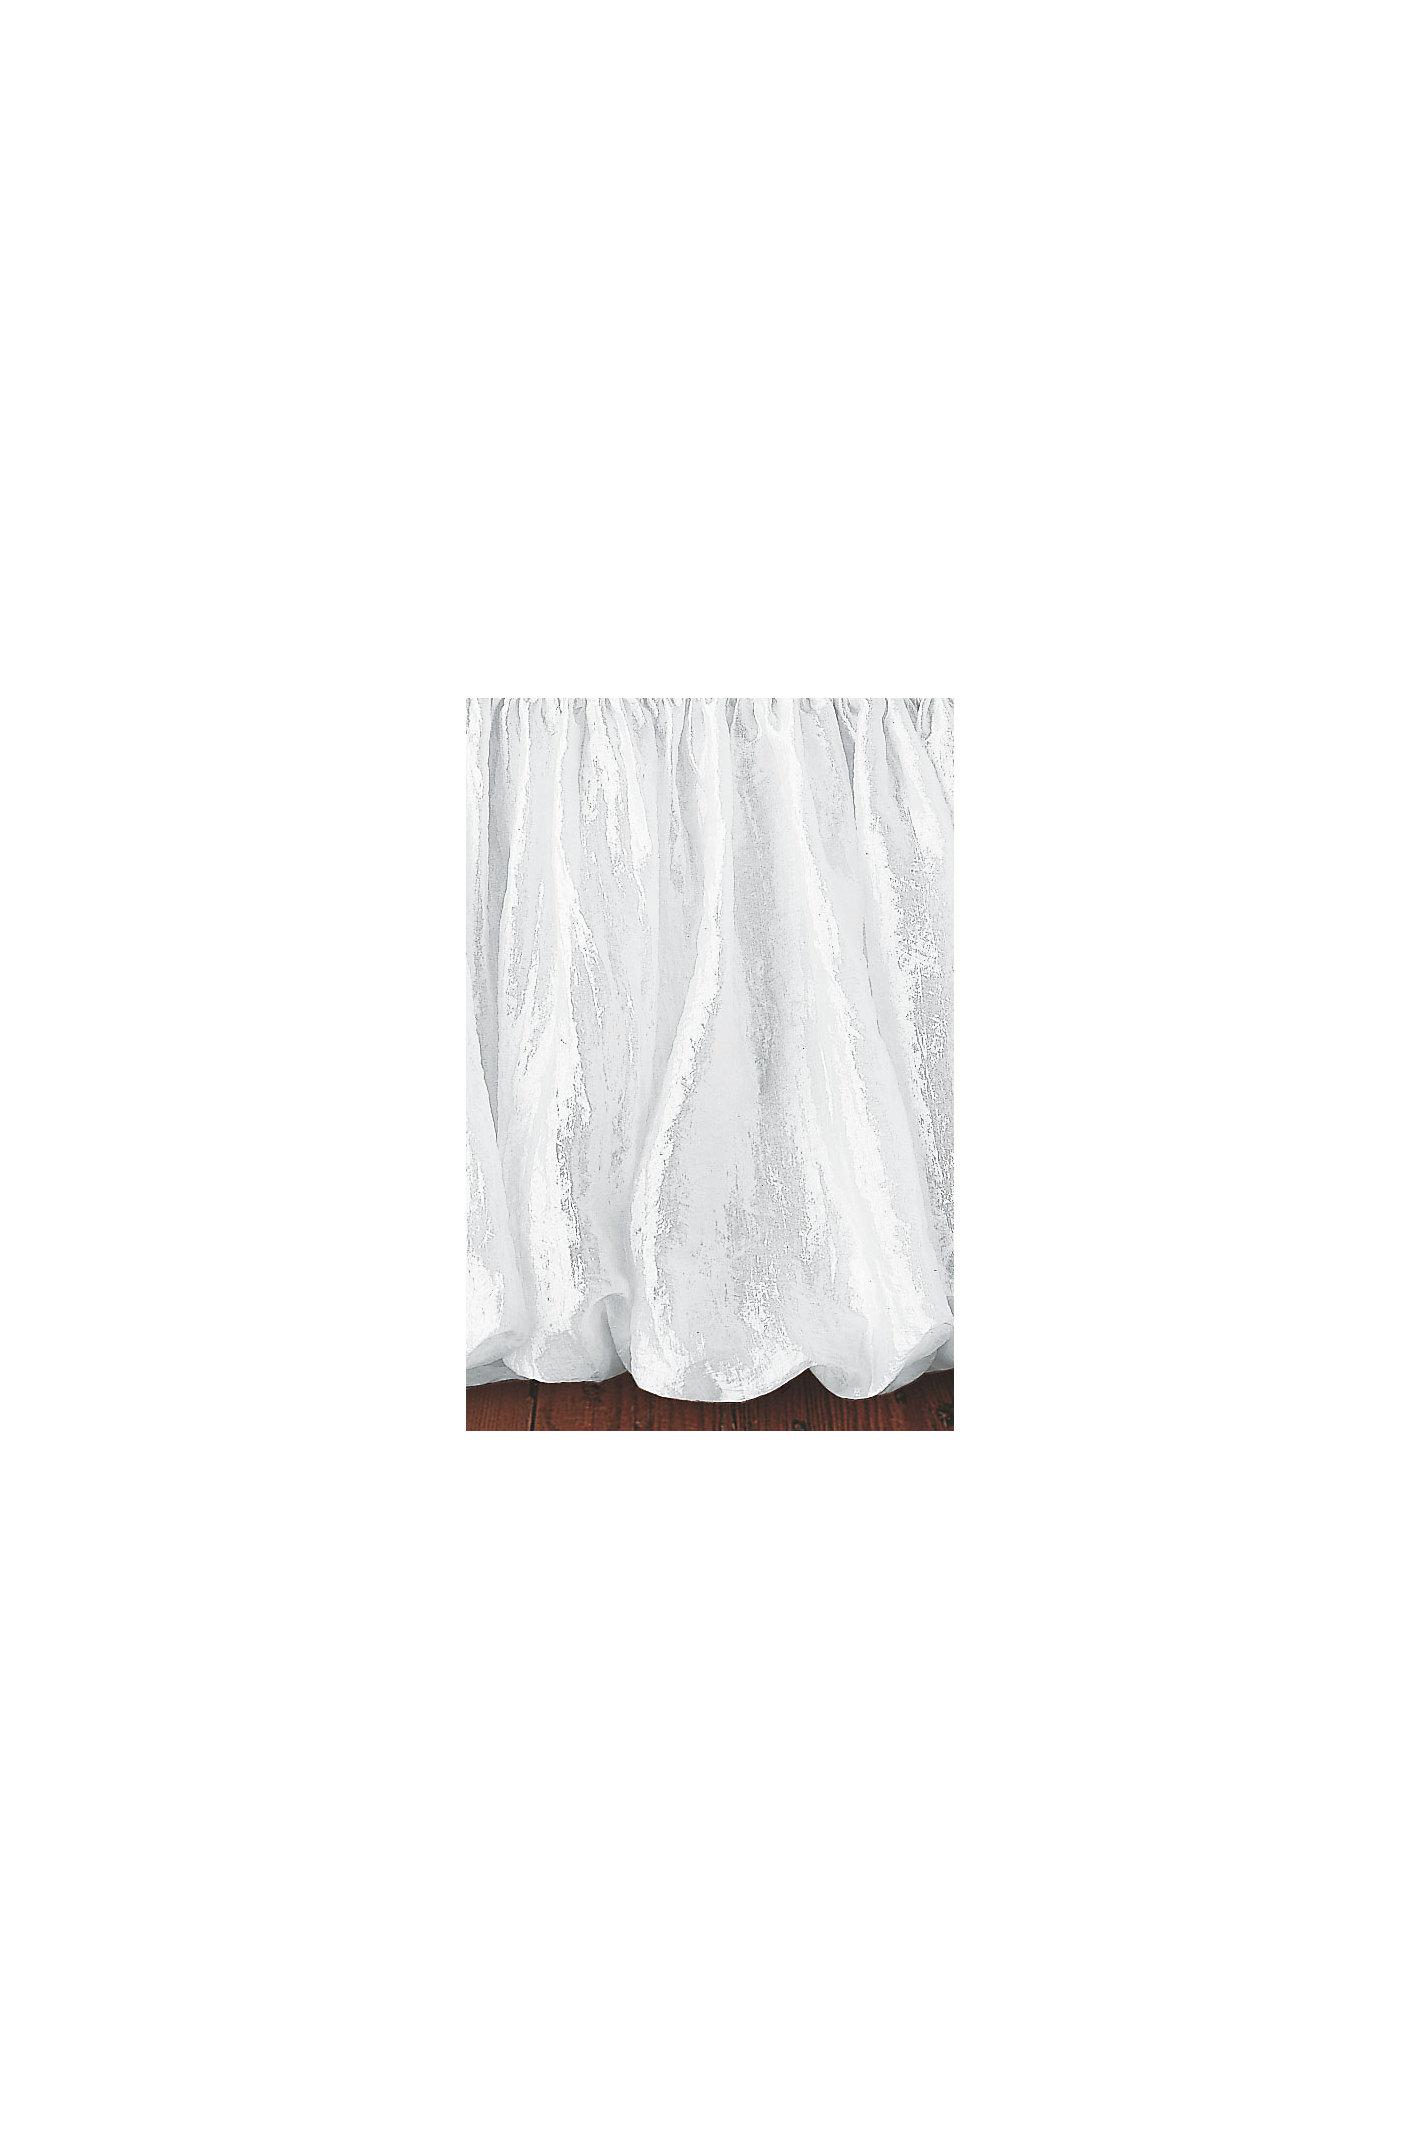 Balloon Bedskirt Extra Long